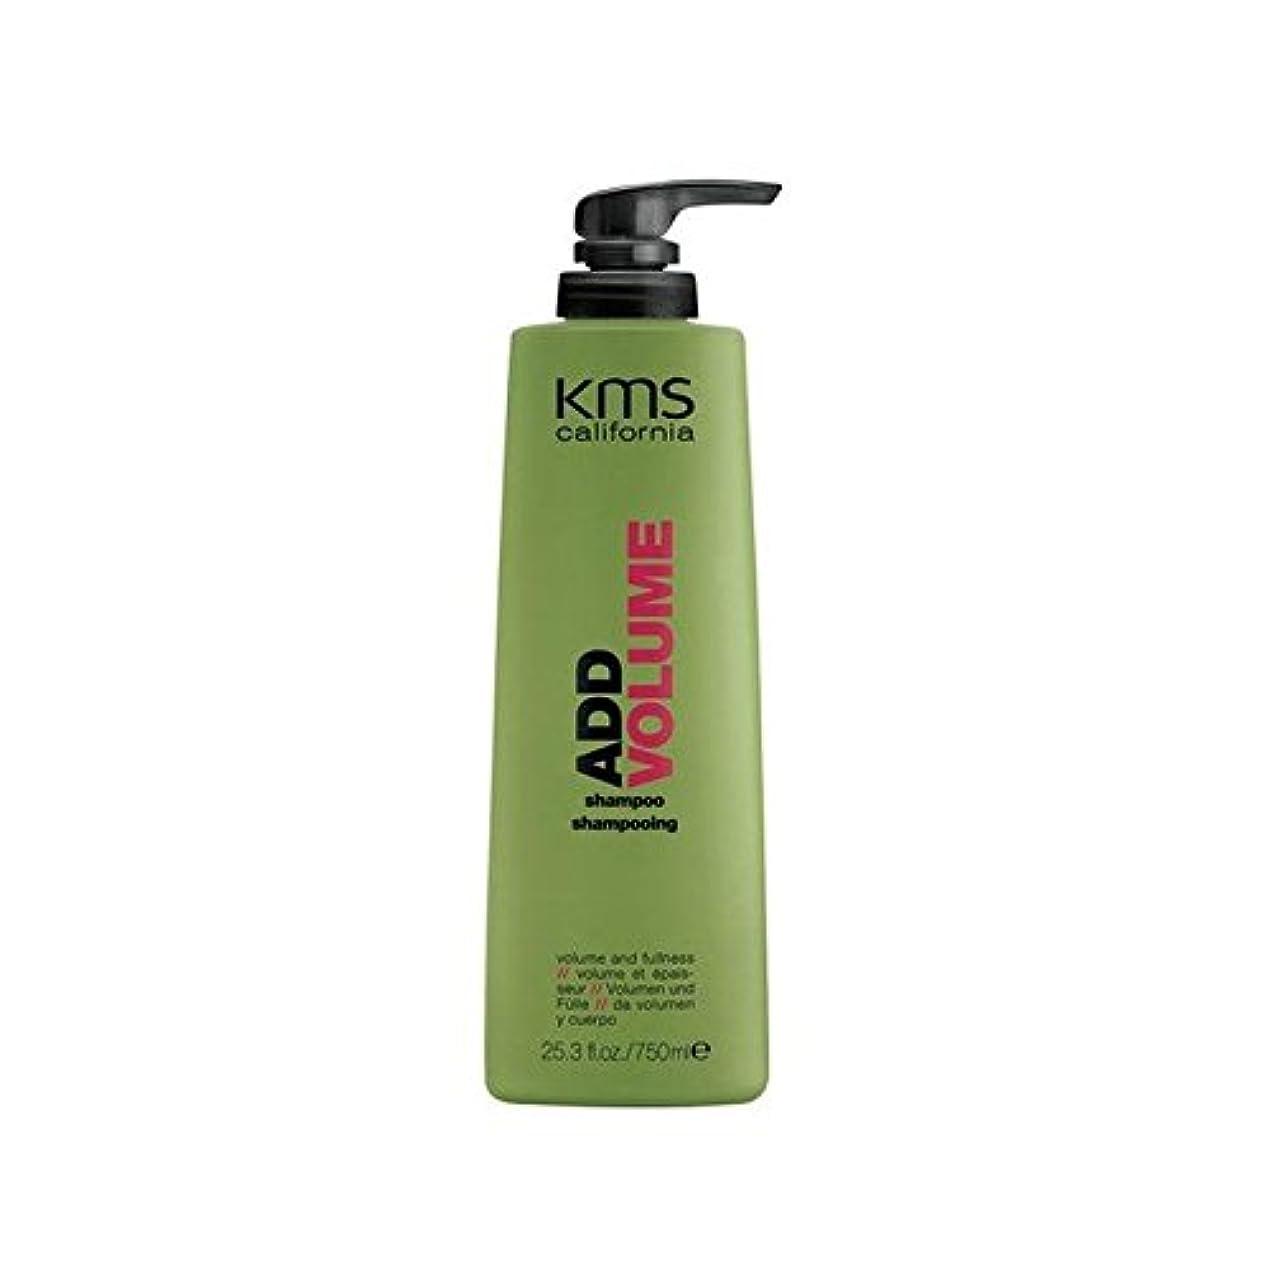 頭痛死対称カリフォルニアシャンプー - 750ミリリットル x2 - Kms California Addvolume Shampoo - 750ml (Pack of 2) [並行輸入品]